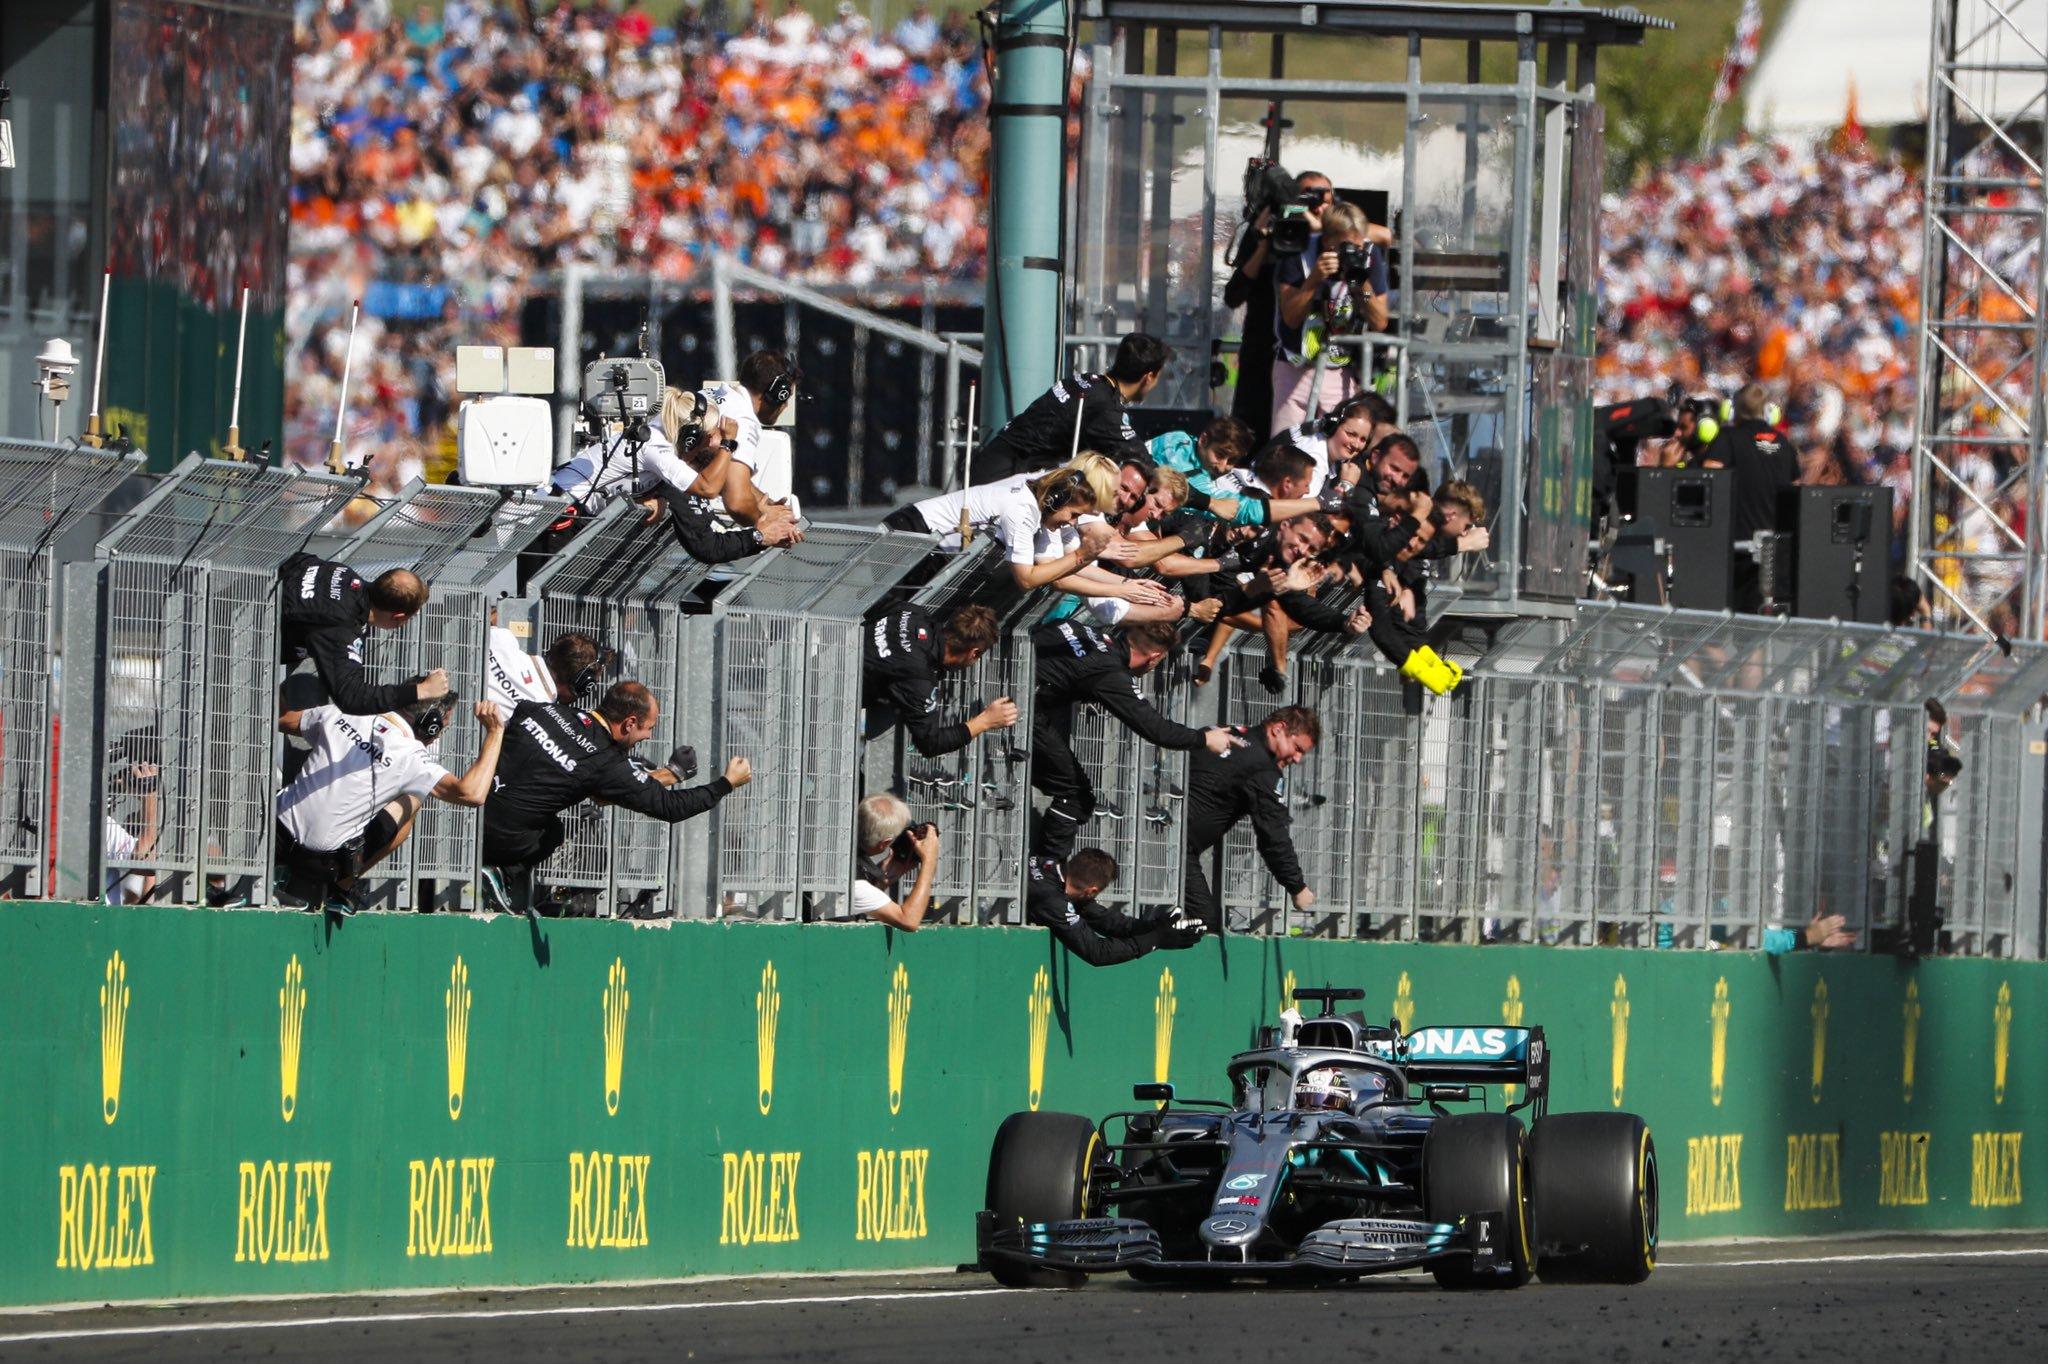 F1匈牙利站汉密尔顿夺冠 神策略成功逆转!